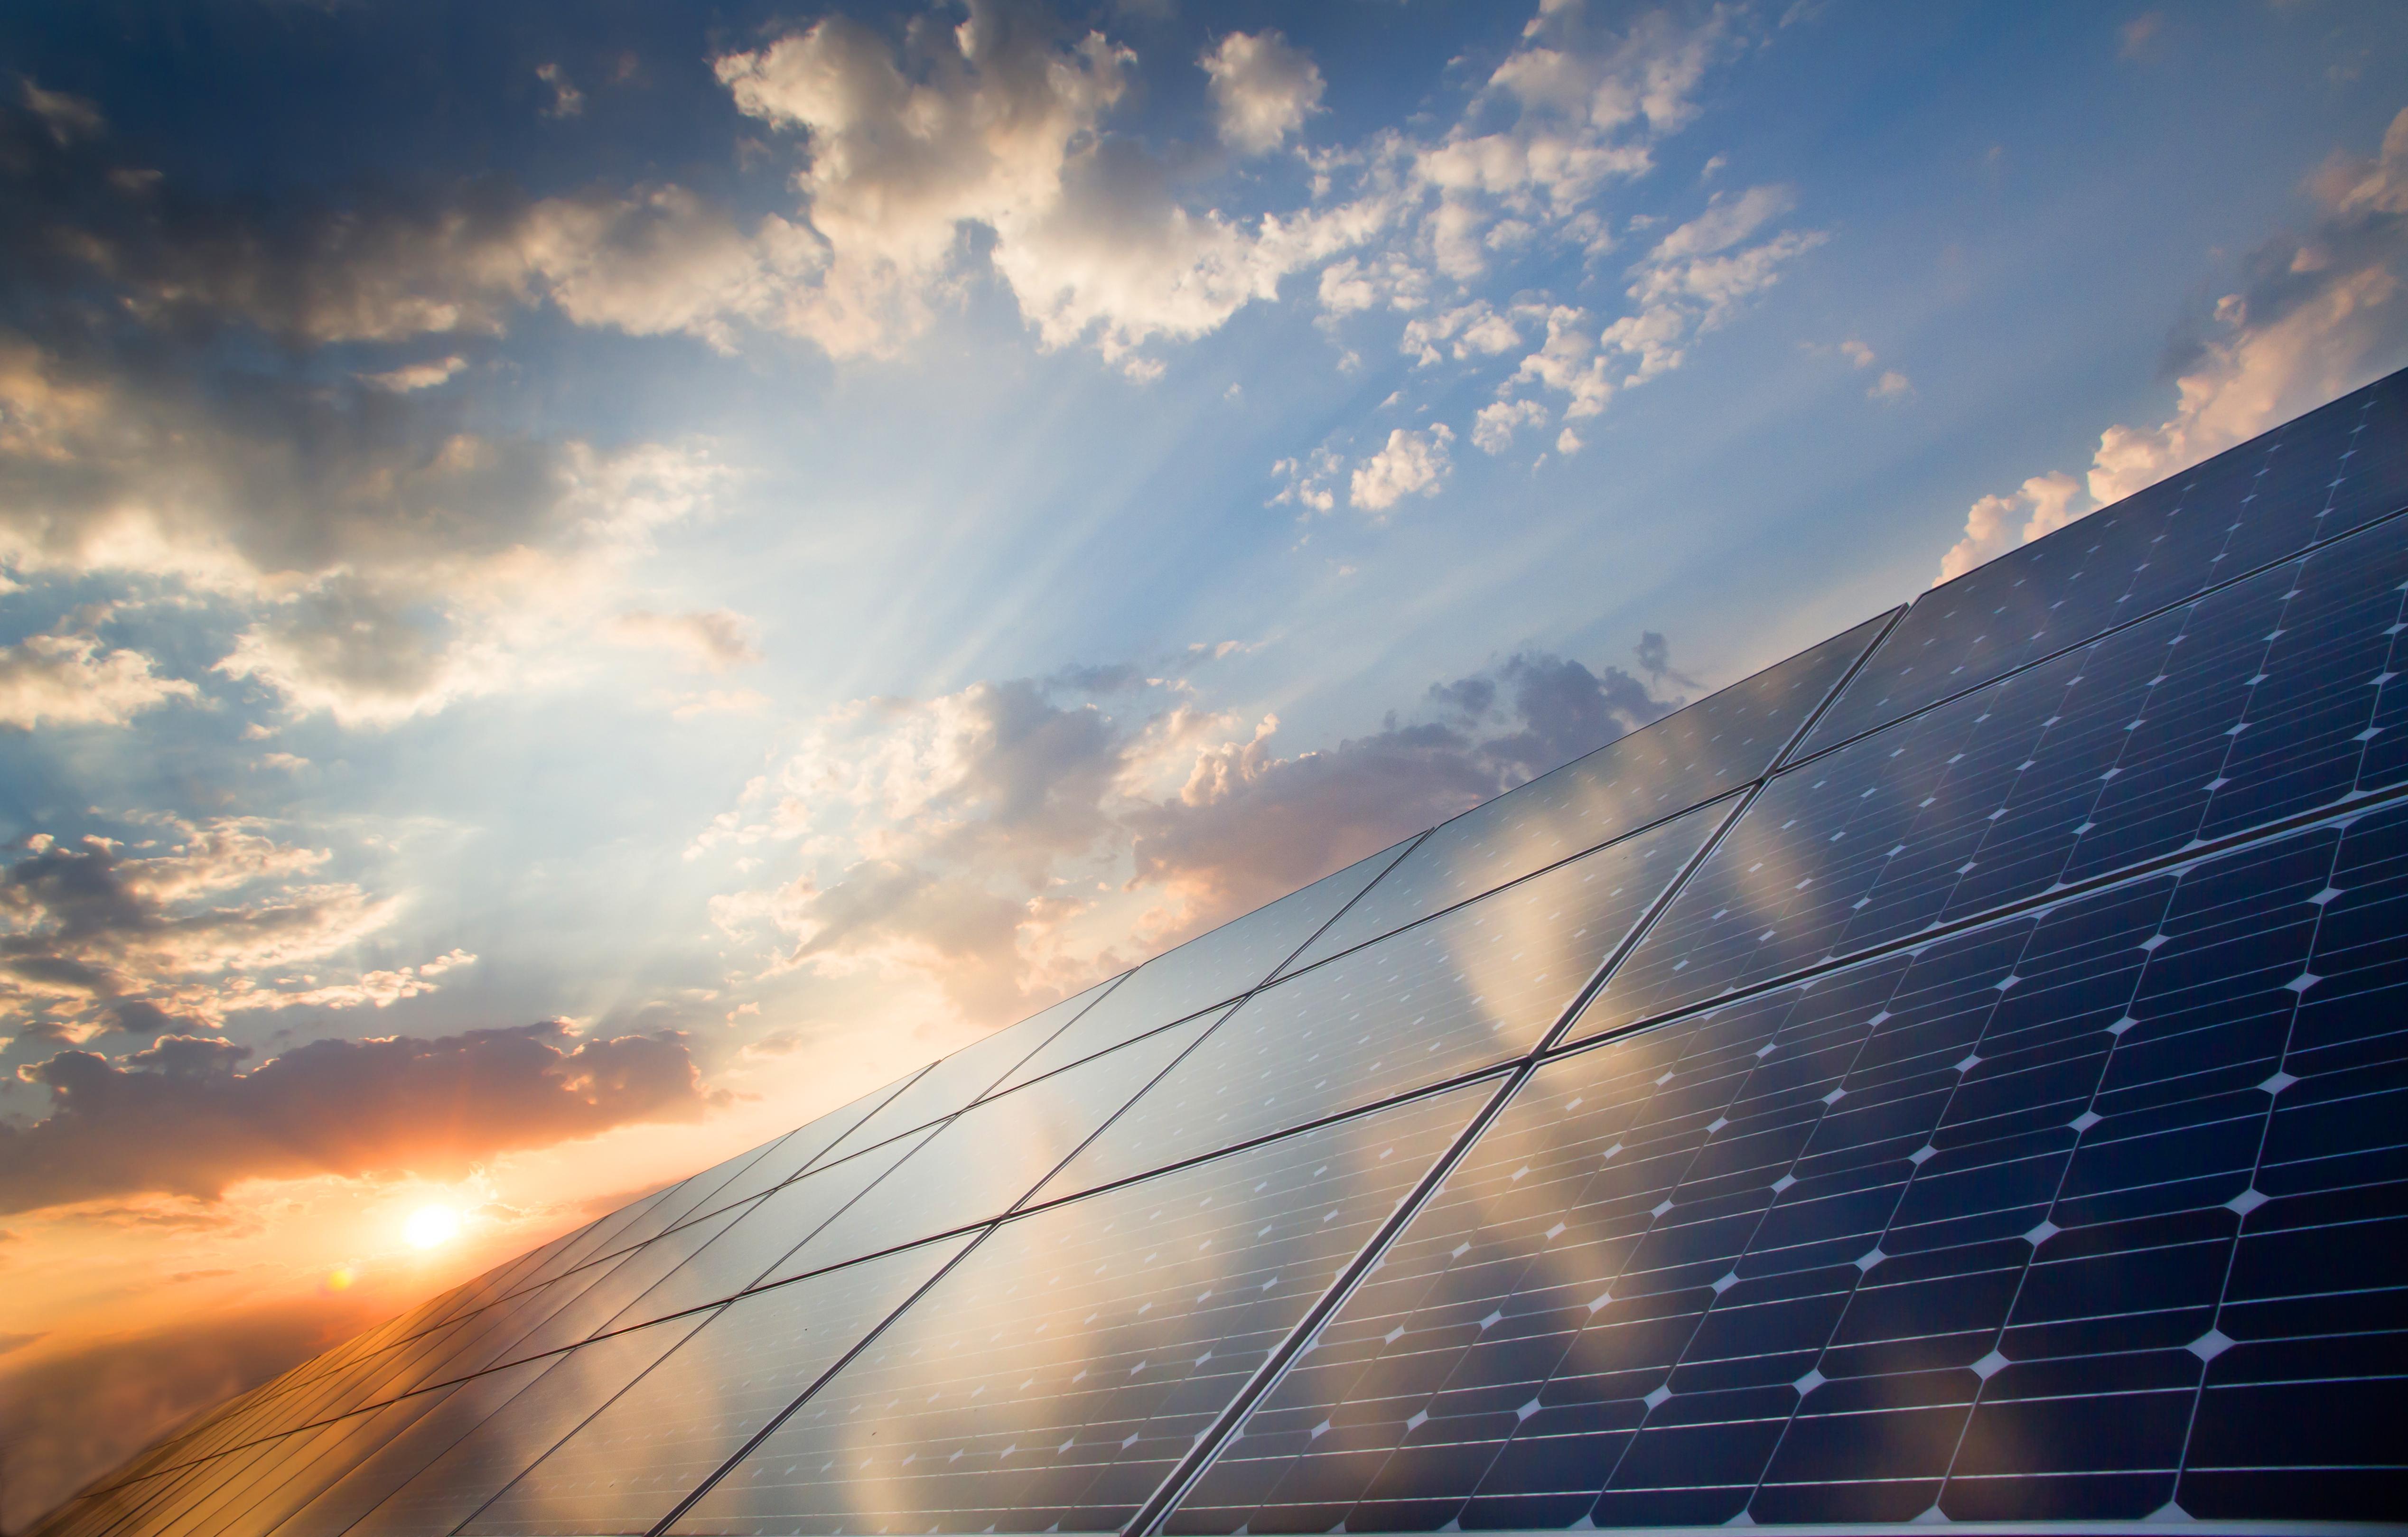 Kiinteistöjen energiatehokkuutta luodaan joka päivä